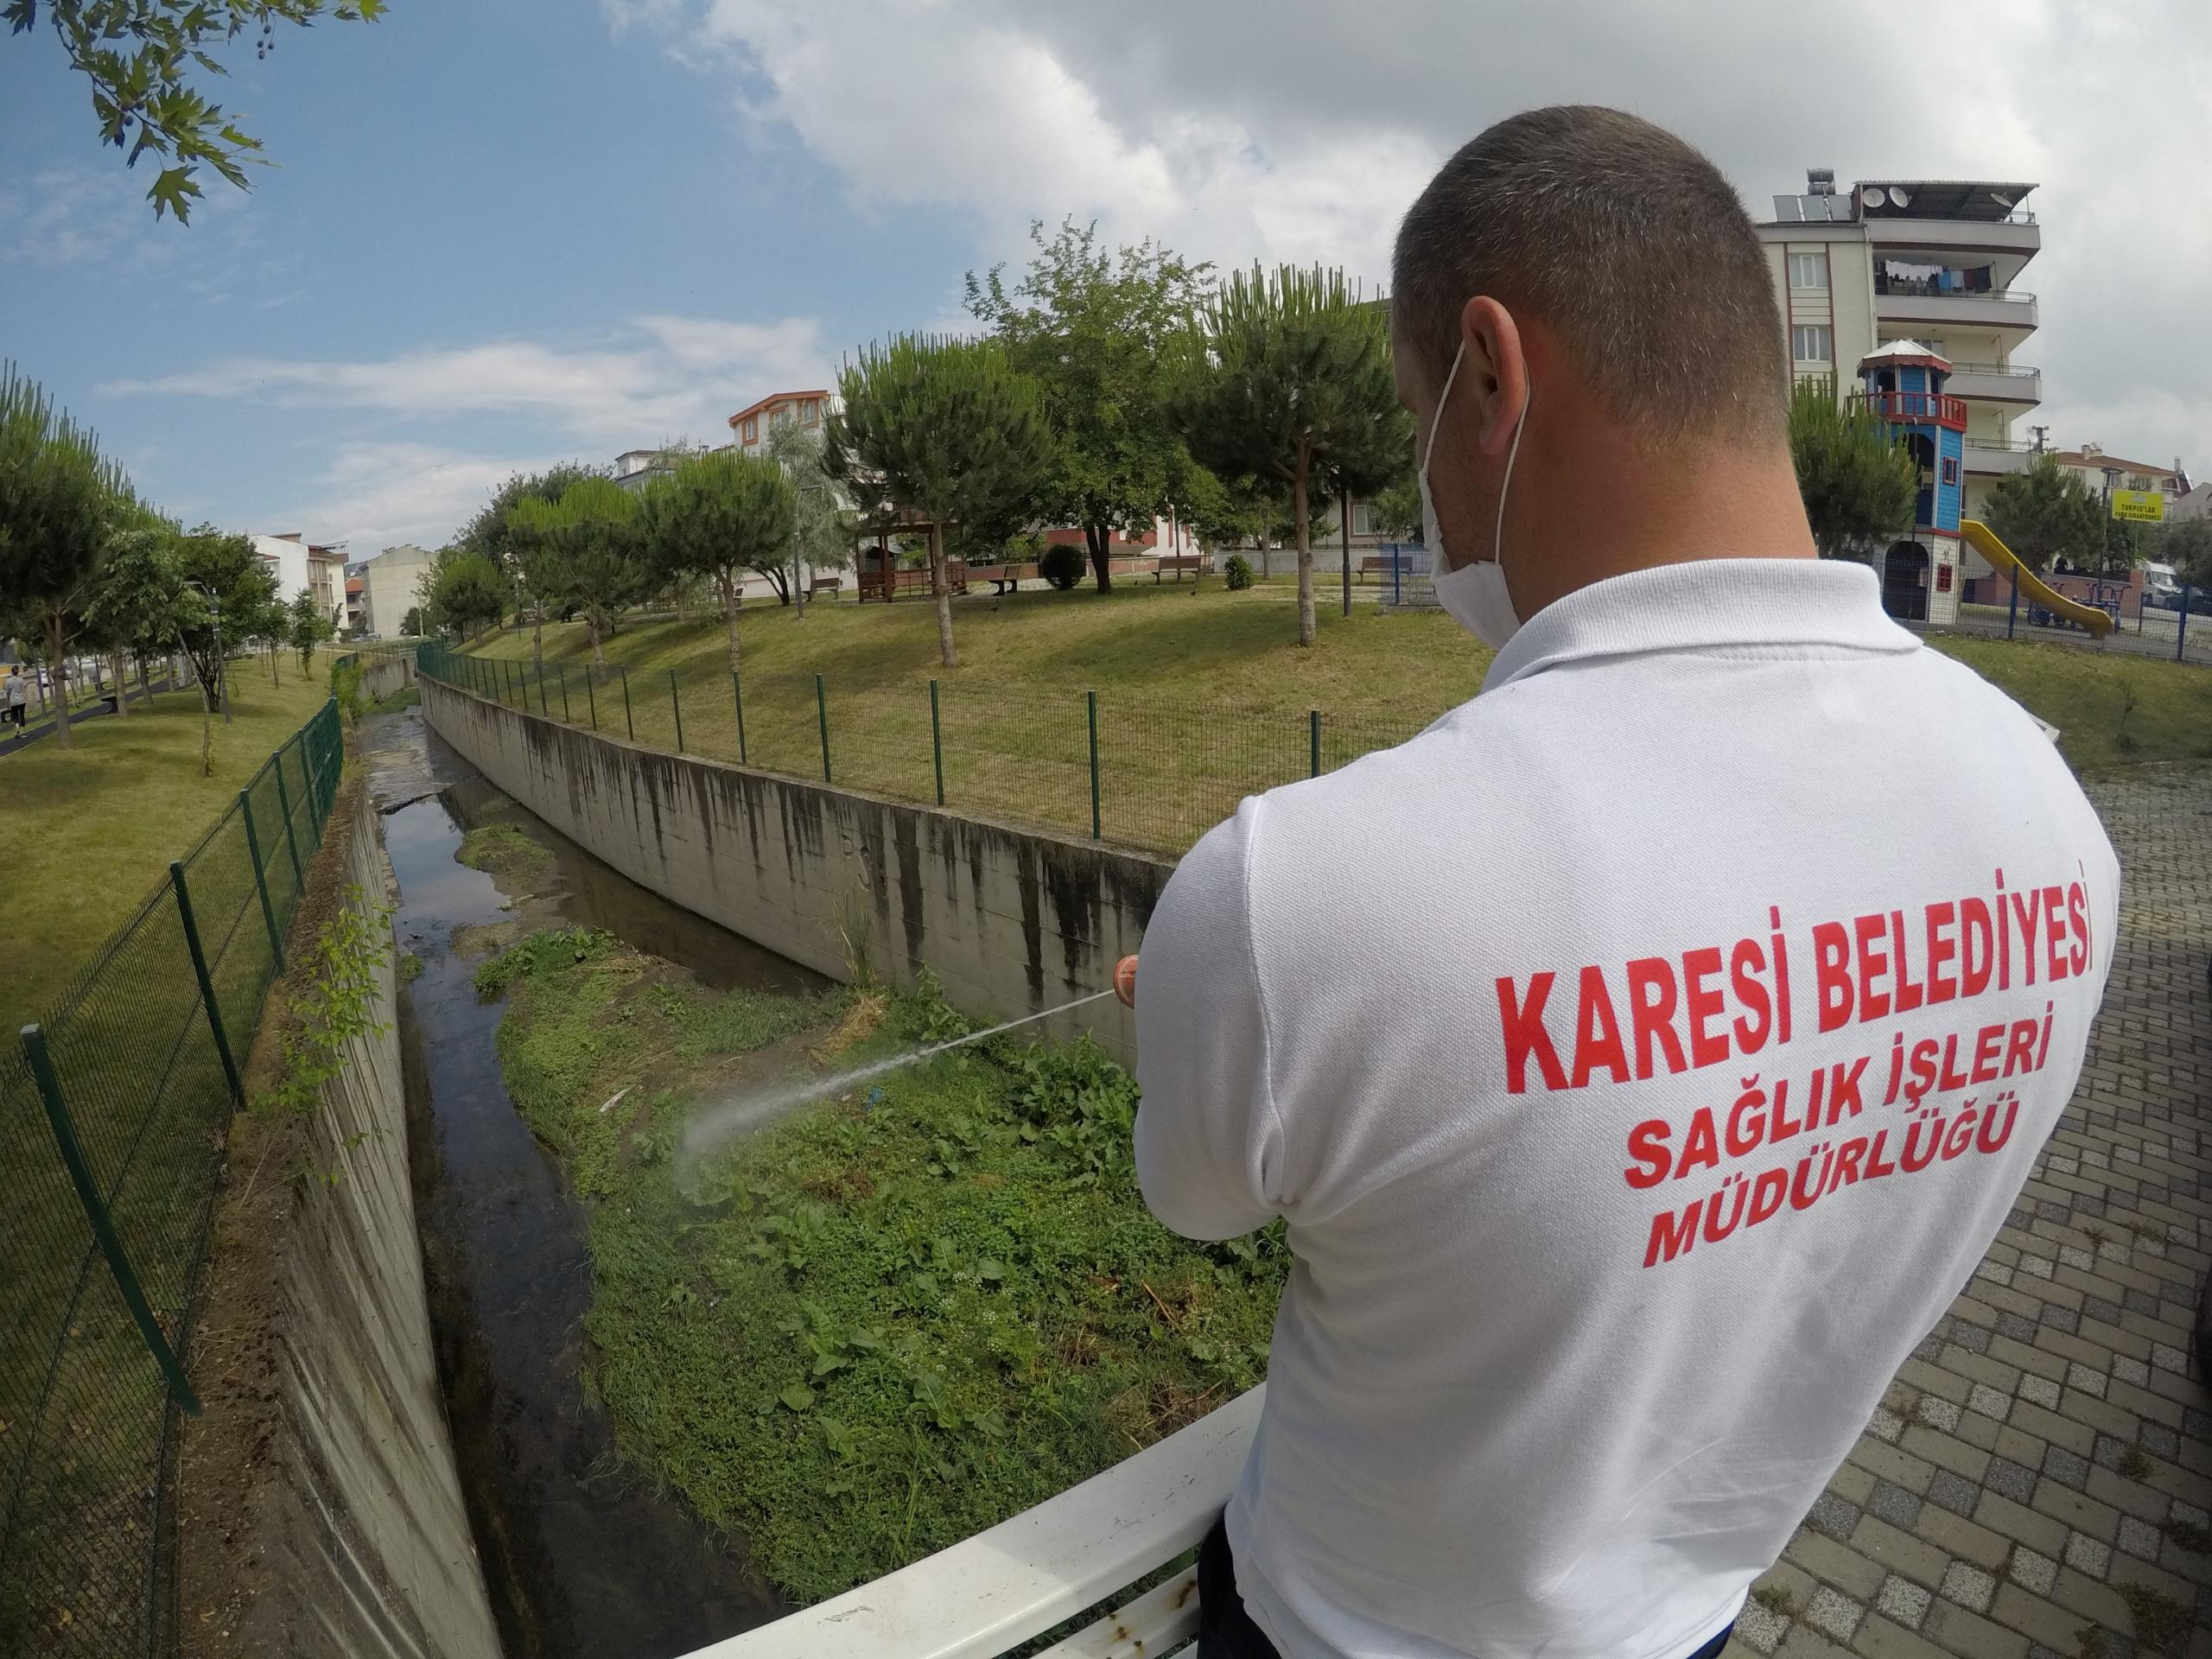 KARESİ'DE HAŞEREYLE MÜCADELEYE DEVAM